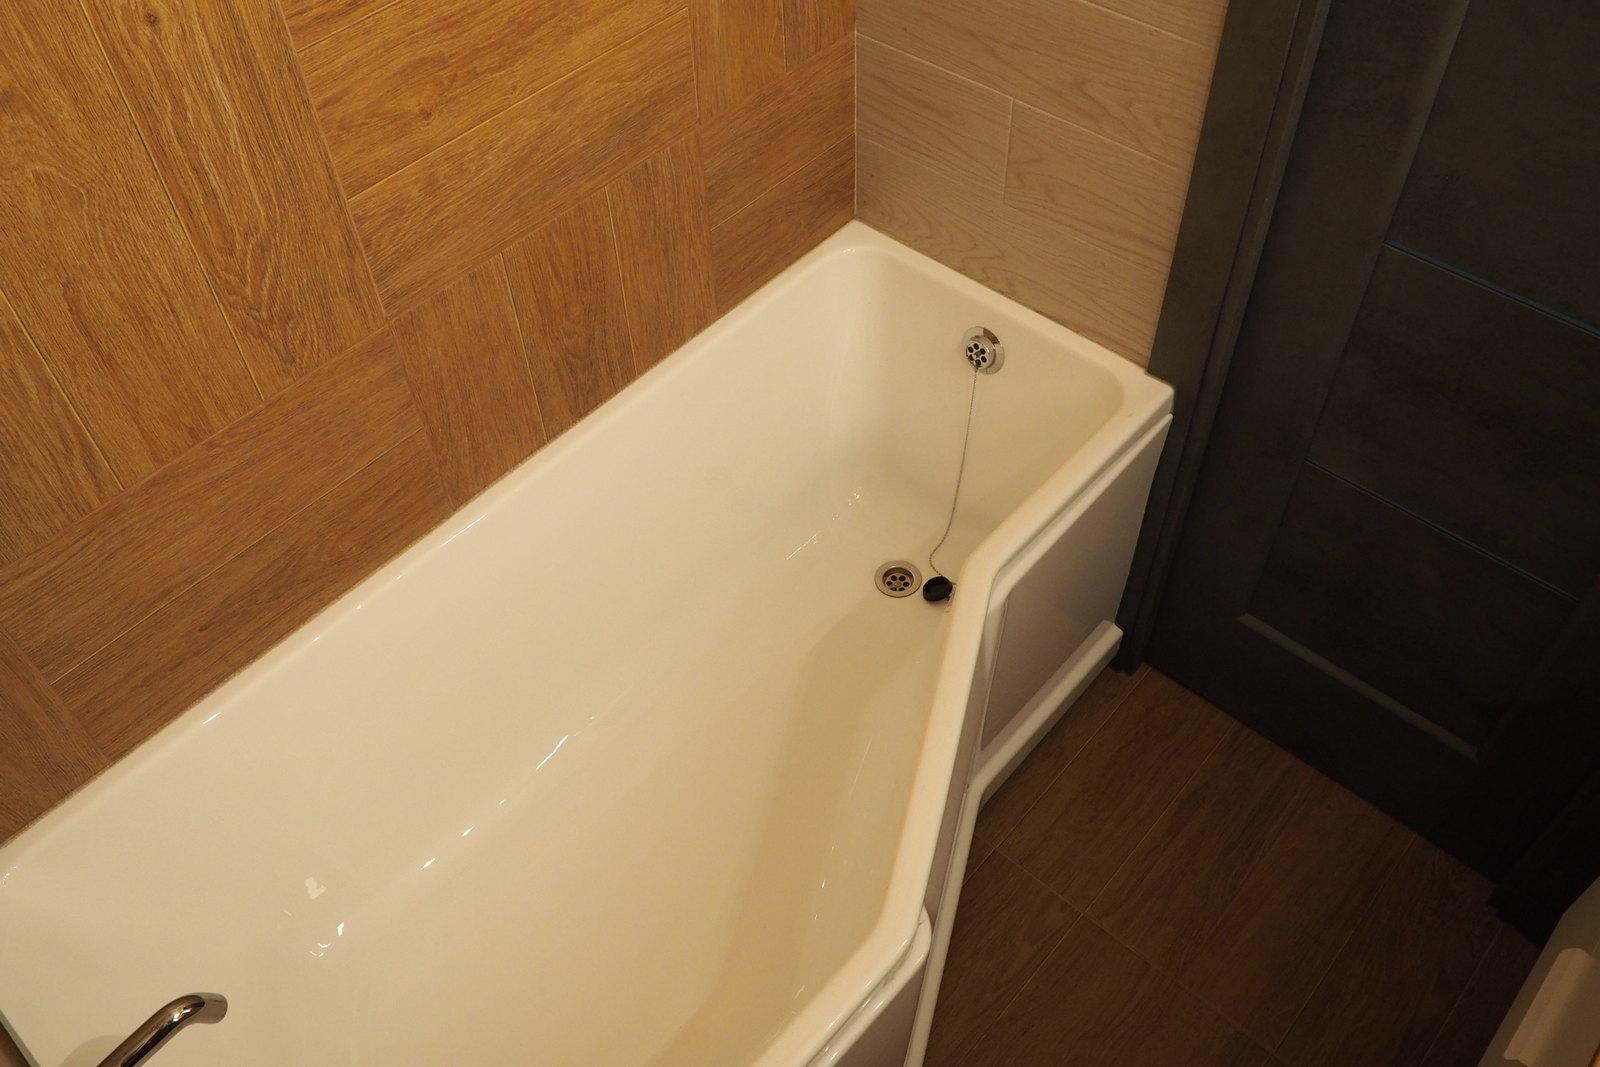 Акриловая ванна со скошенным краем в доме 137 серии